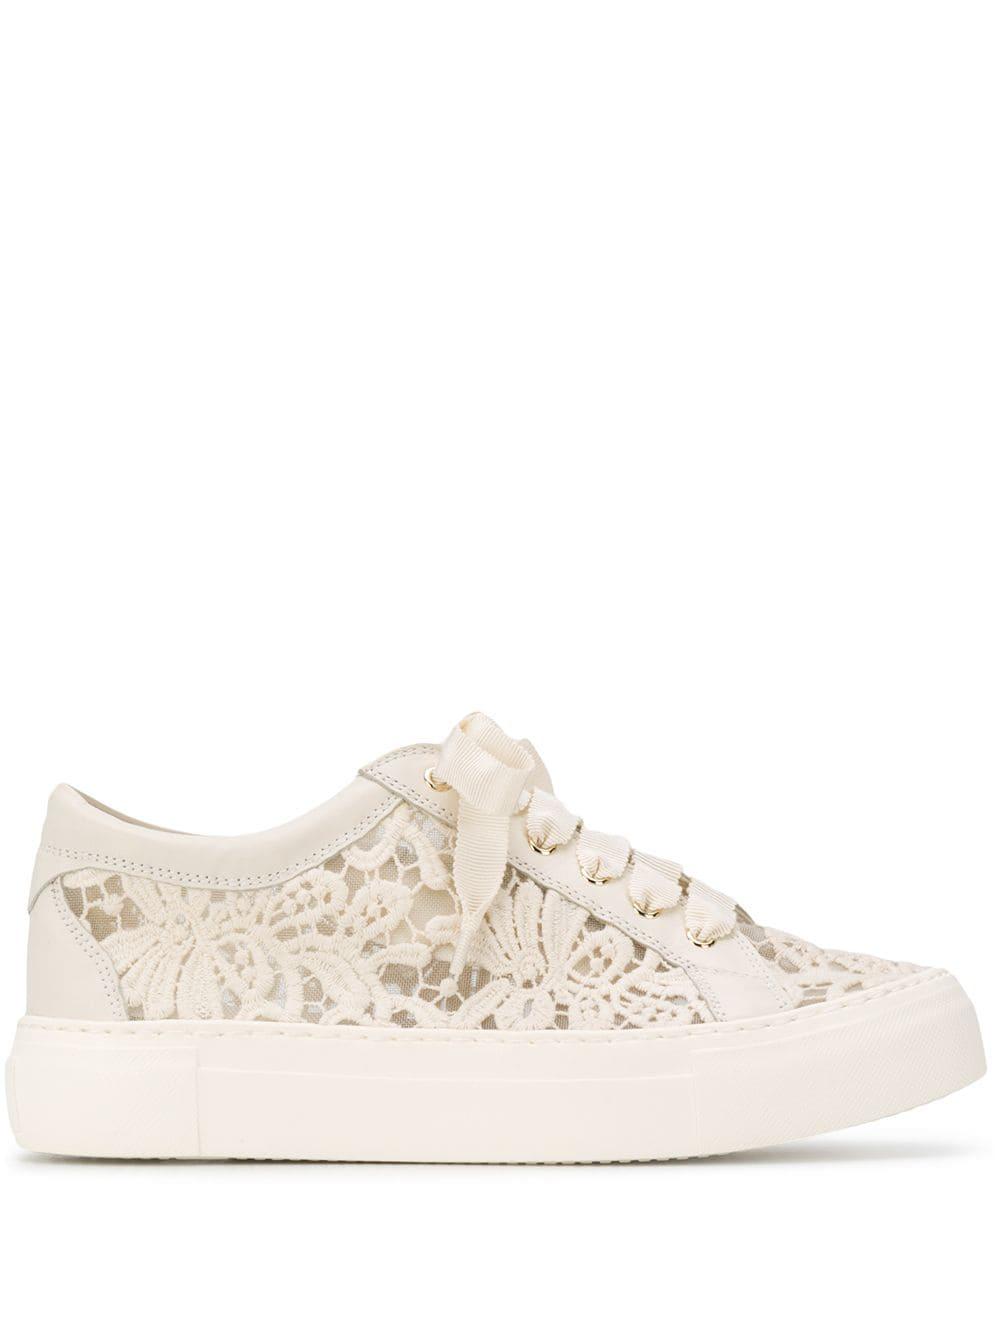 AGL Lace Design Sneakers - Farfetch in